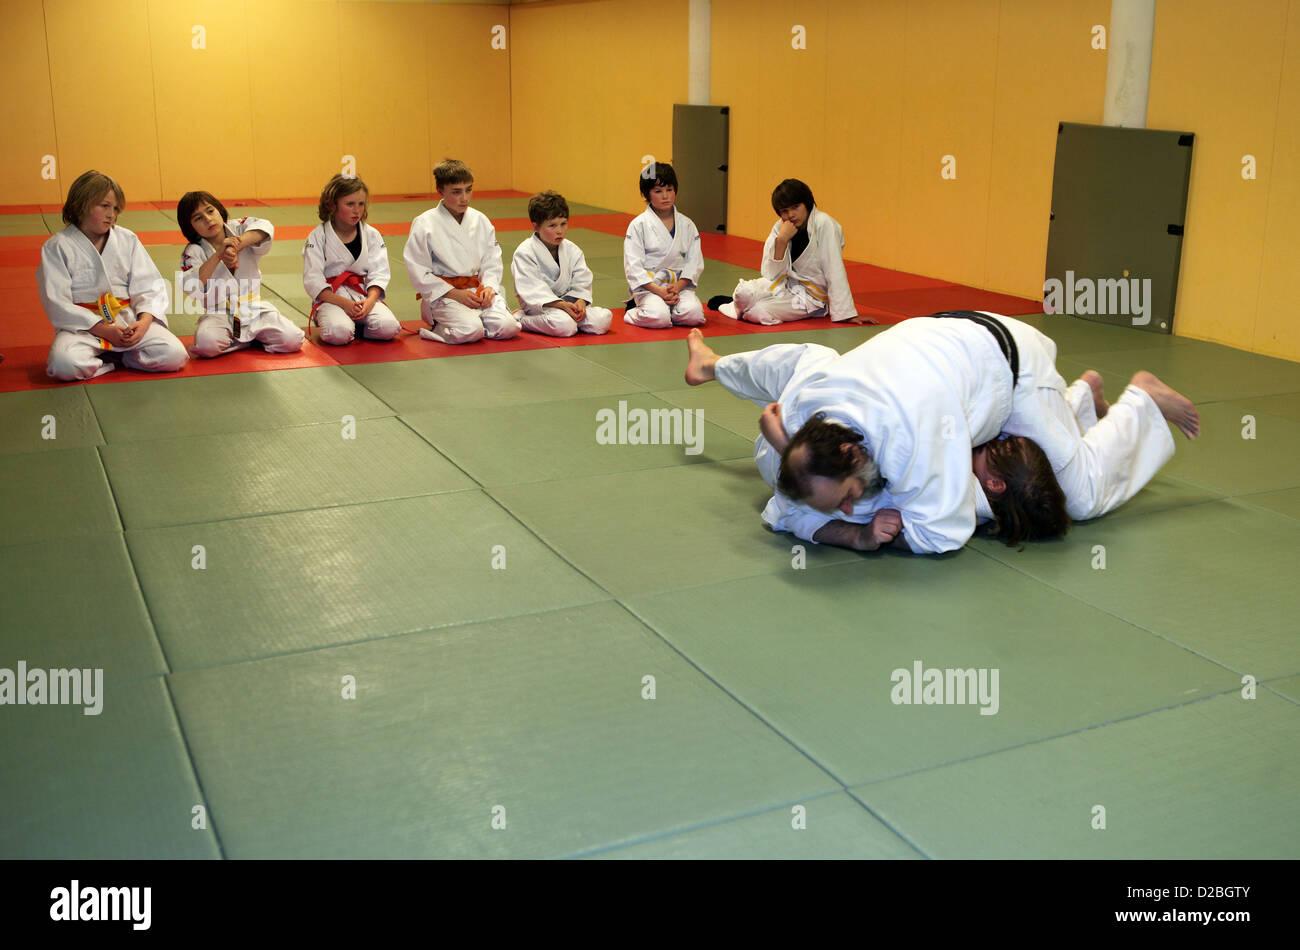 Berlino, Germania, i bambini in un corso di judo. Il judo istruttore illustra una tecnica di proiezione Immagini Stock